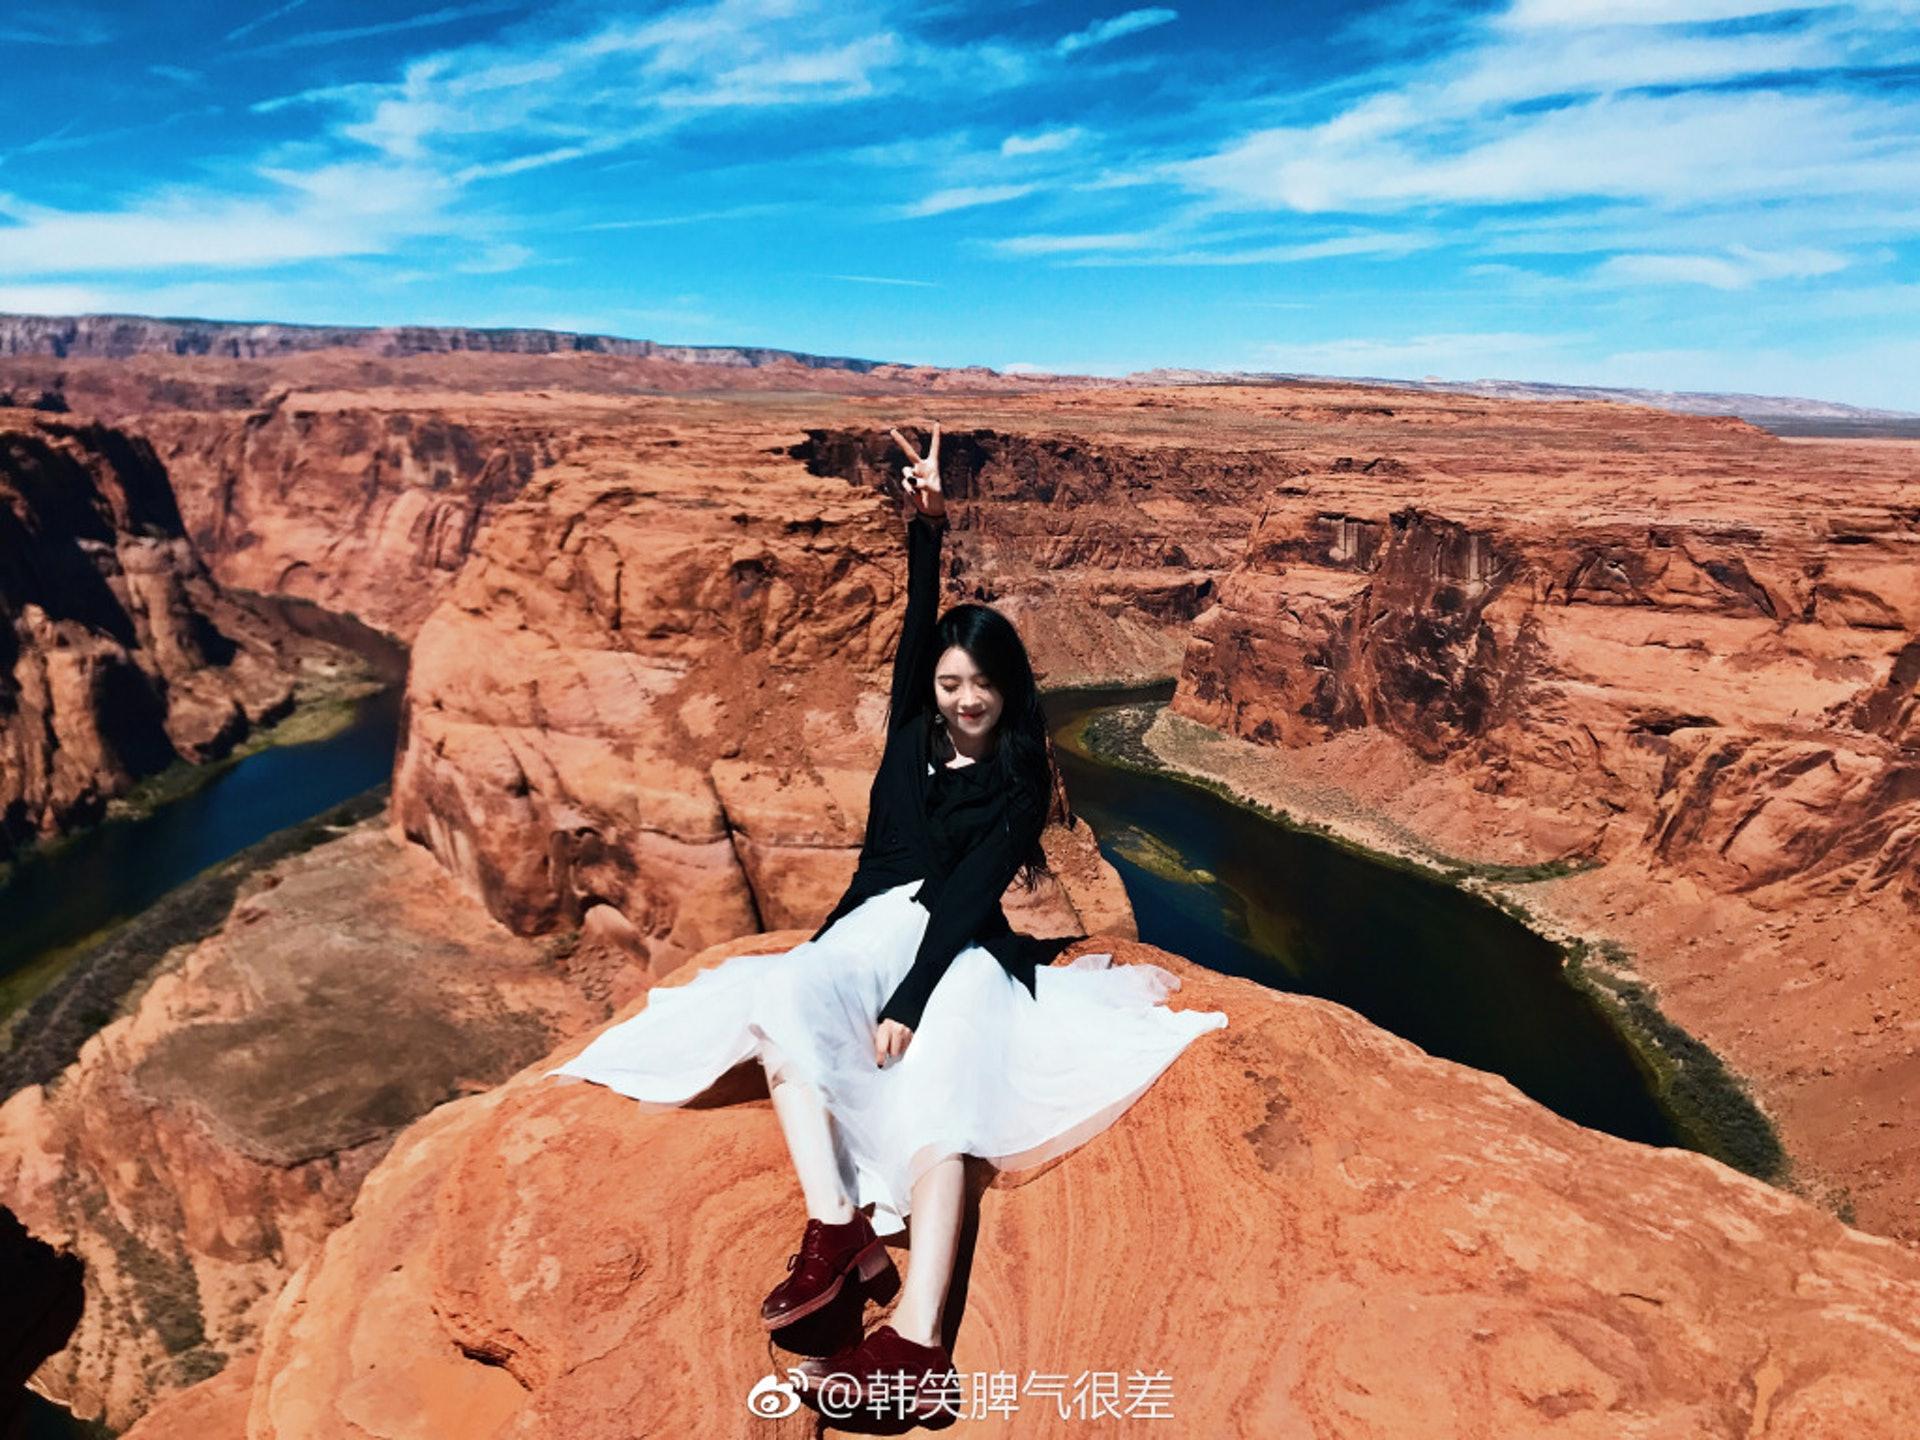 韓笑常在微博分享日常生活,包括不少旅行照。(「韓笑脾氣很差」微博圖片